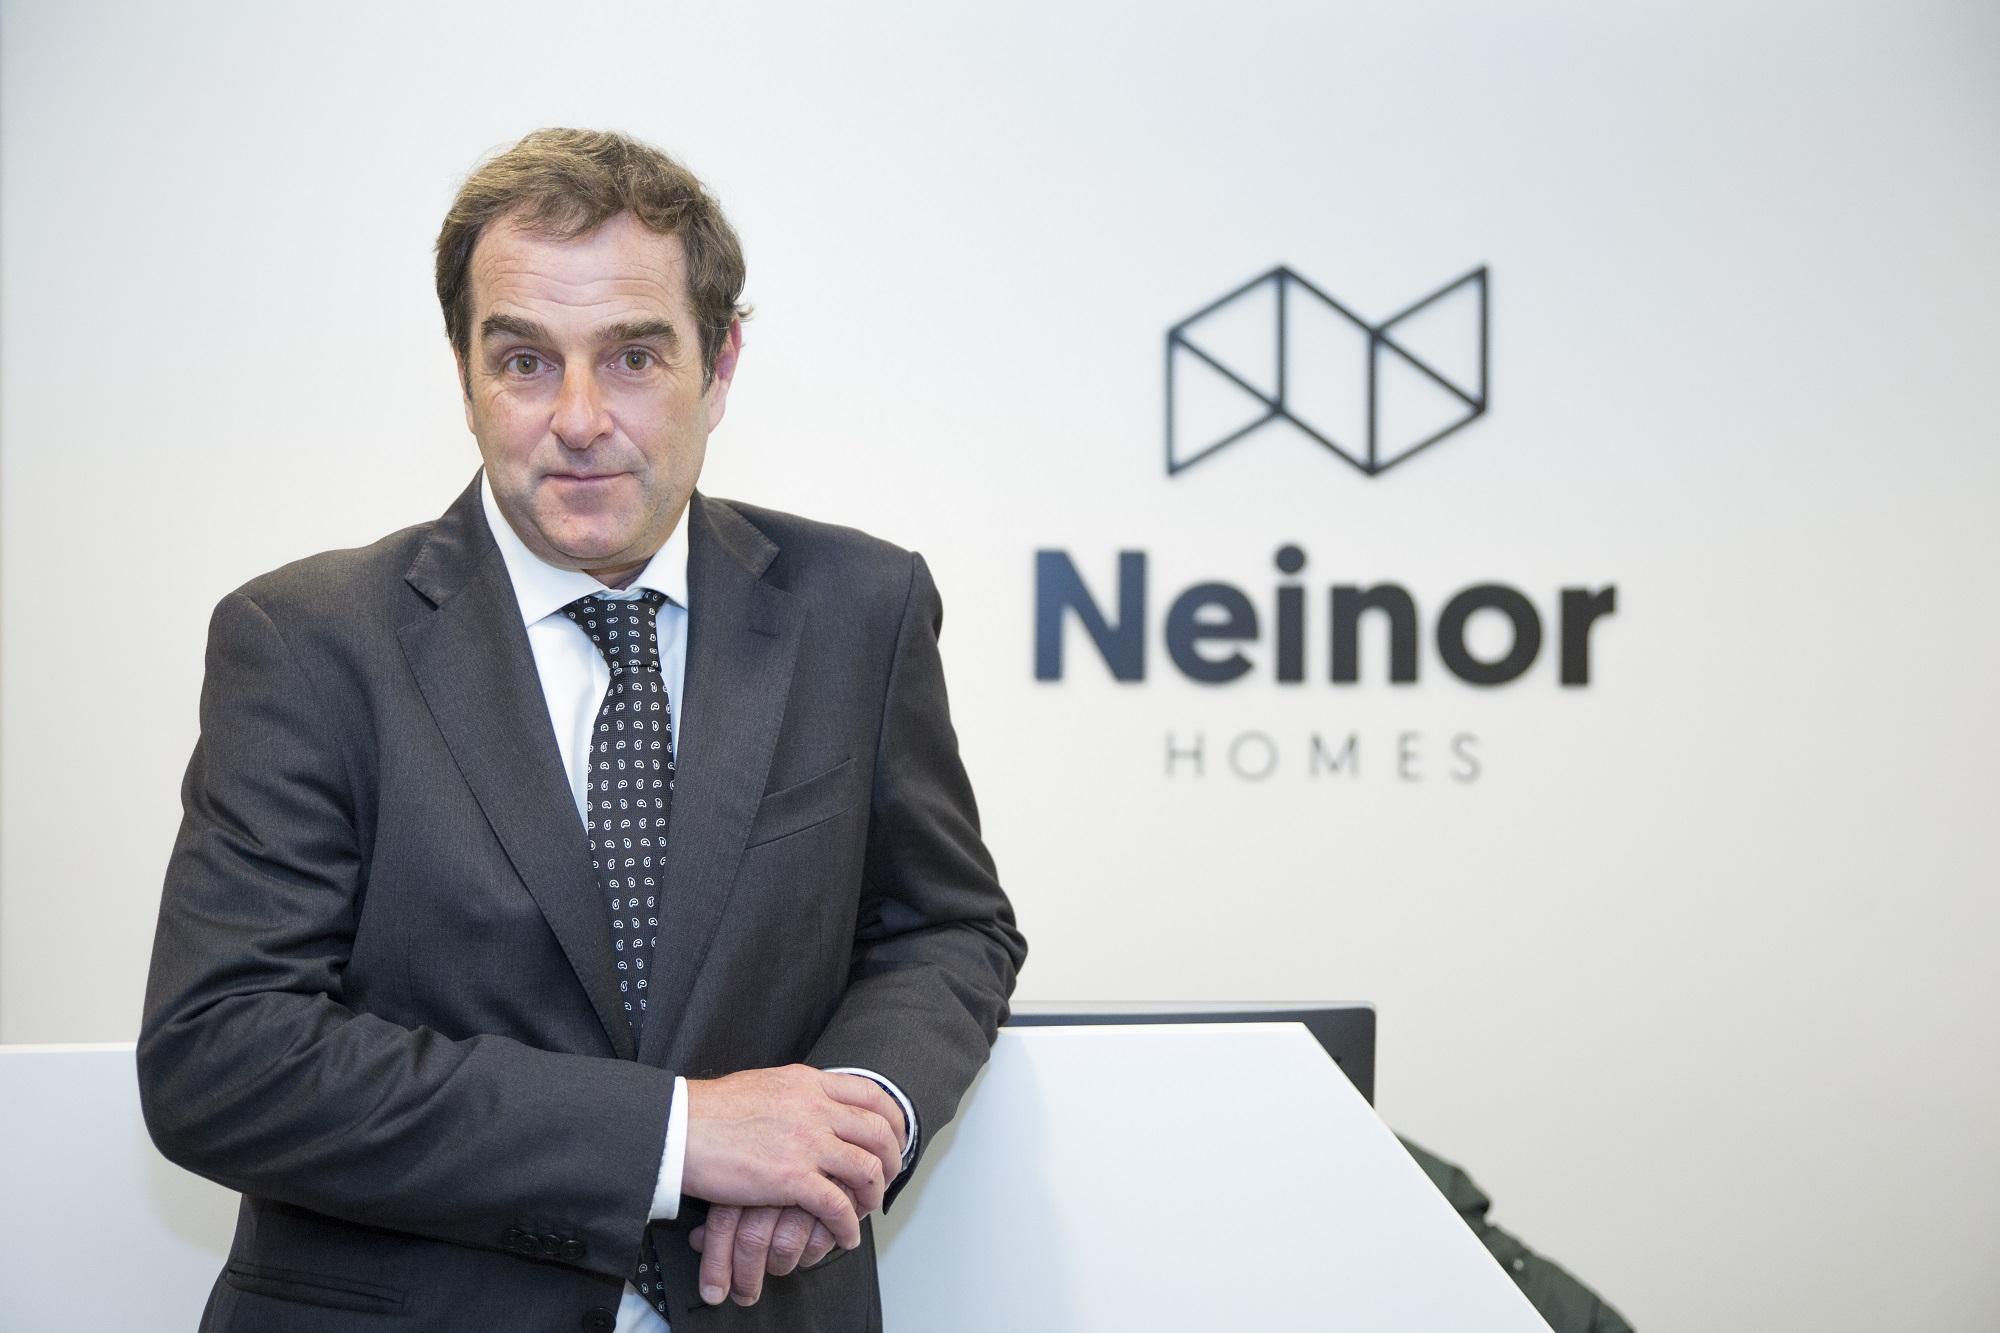 Borja García-Egocheaga, CEO de Neinor. Fuente: Neinor.